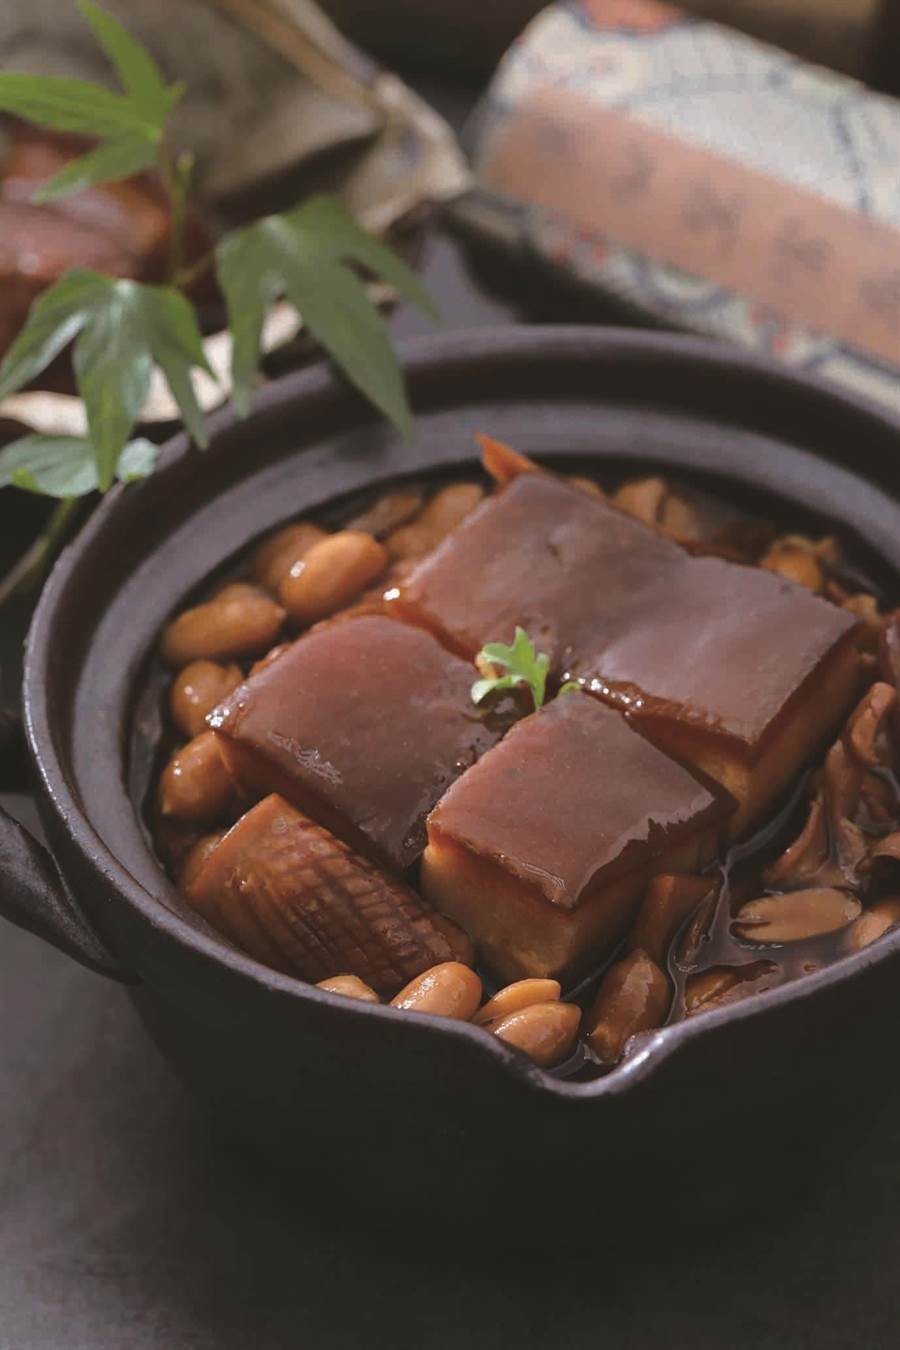 SOGO台北店、天母店「山海樓外帶年菜」4至6人份古味醰肉。(SOGO提供)